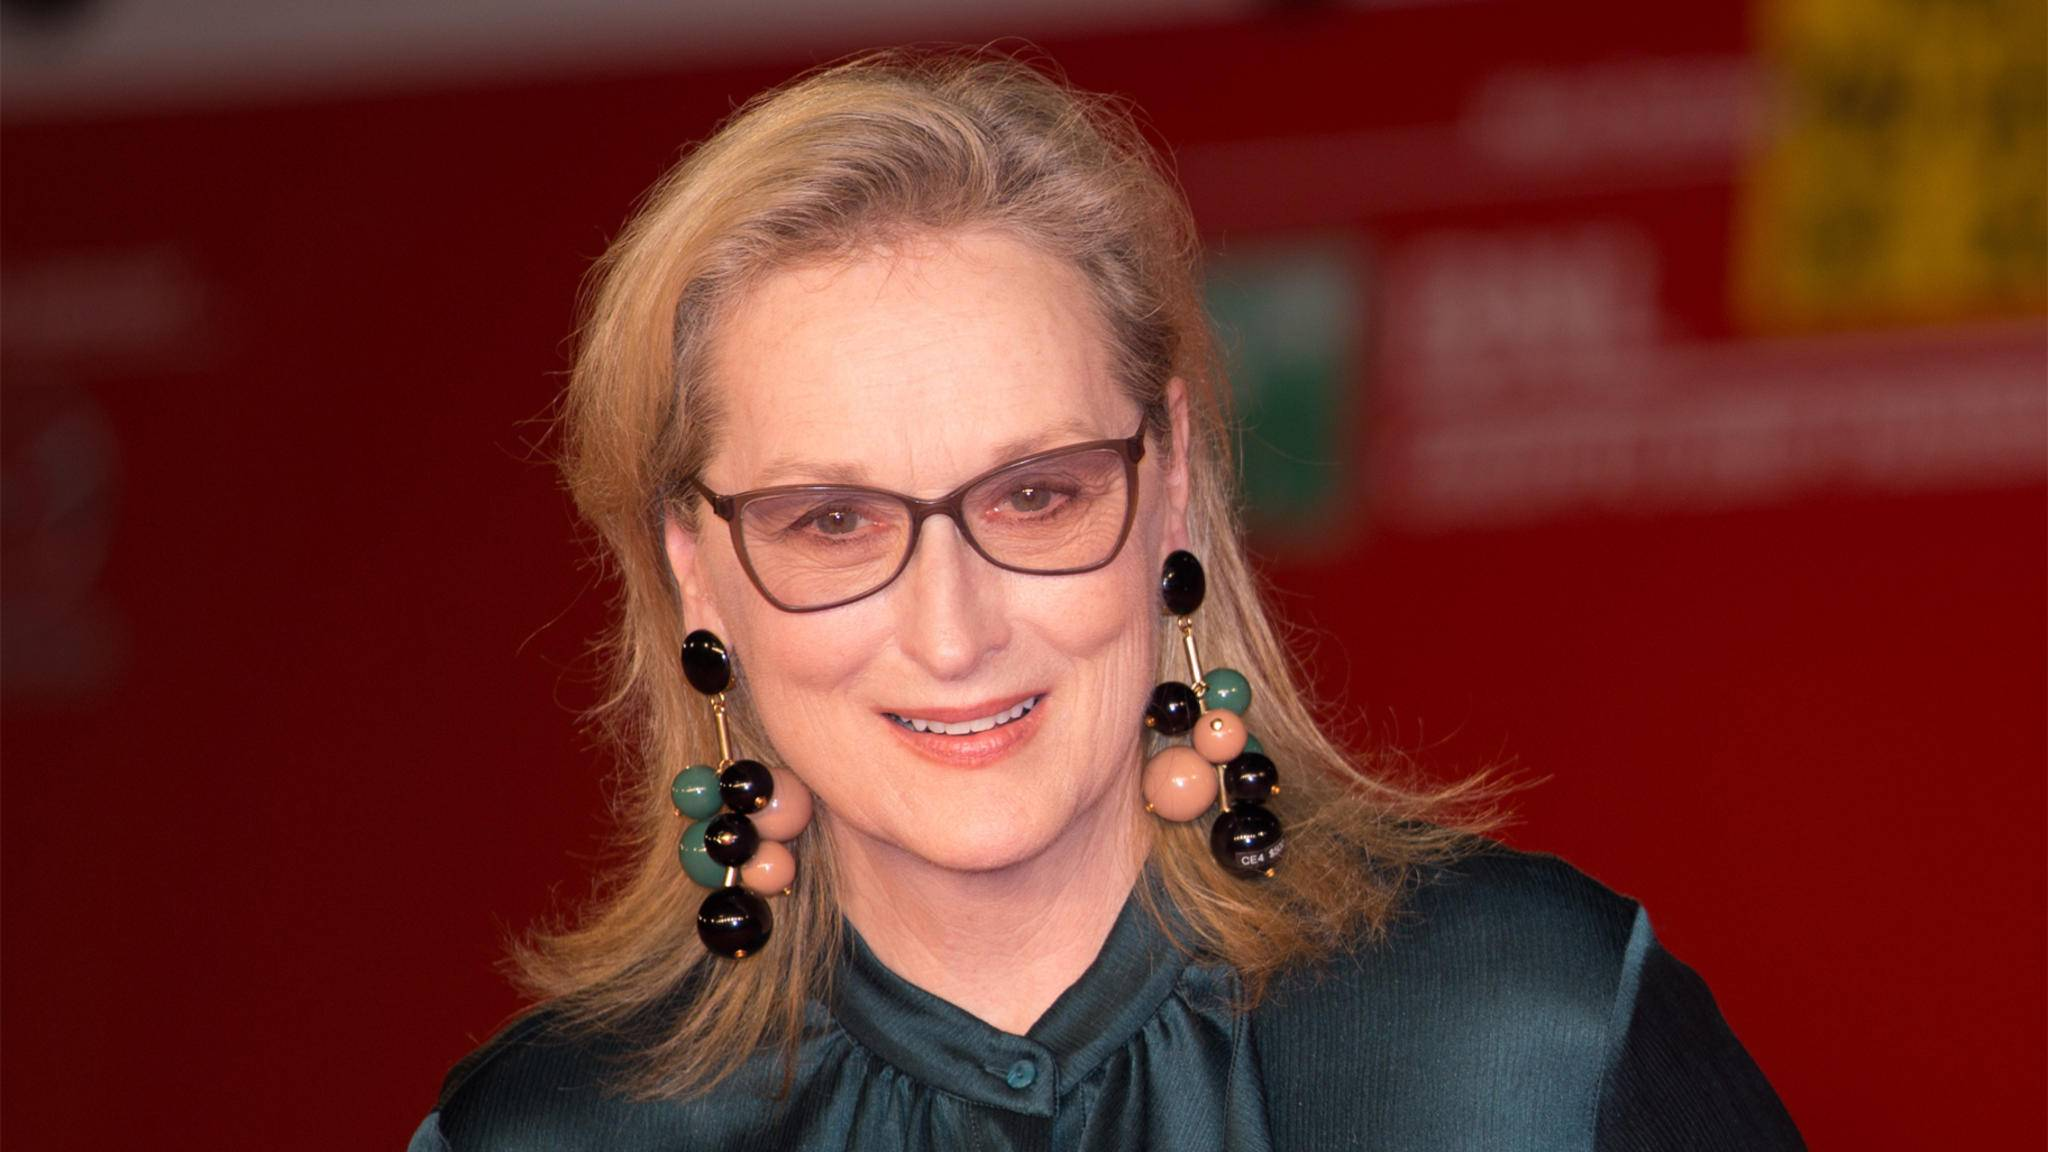 Meryl Streep gilt als eine der talentiertesten Schauspielerinnen in Hollywood.